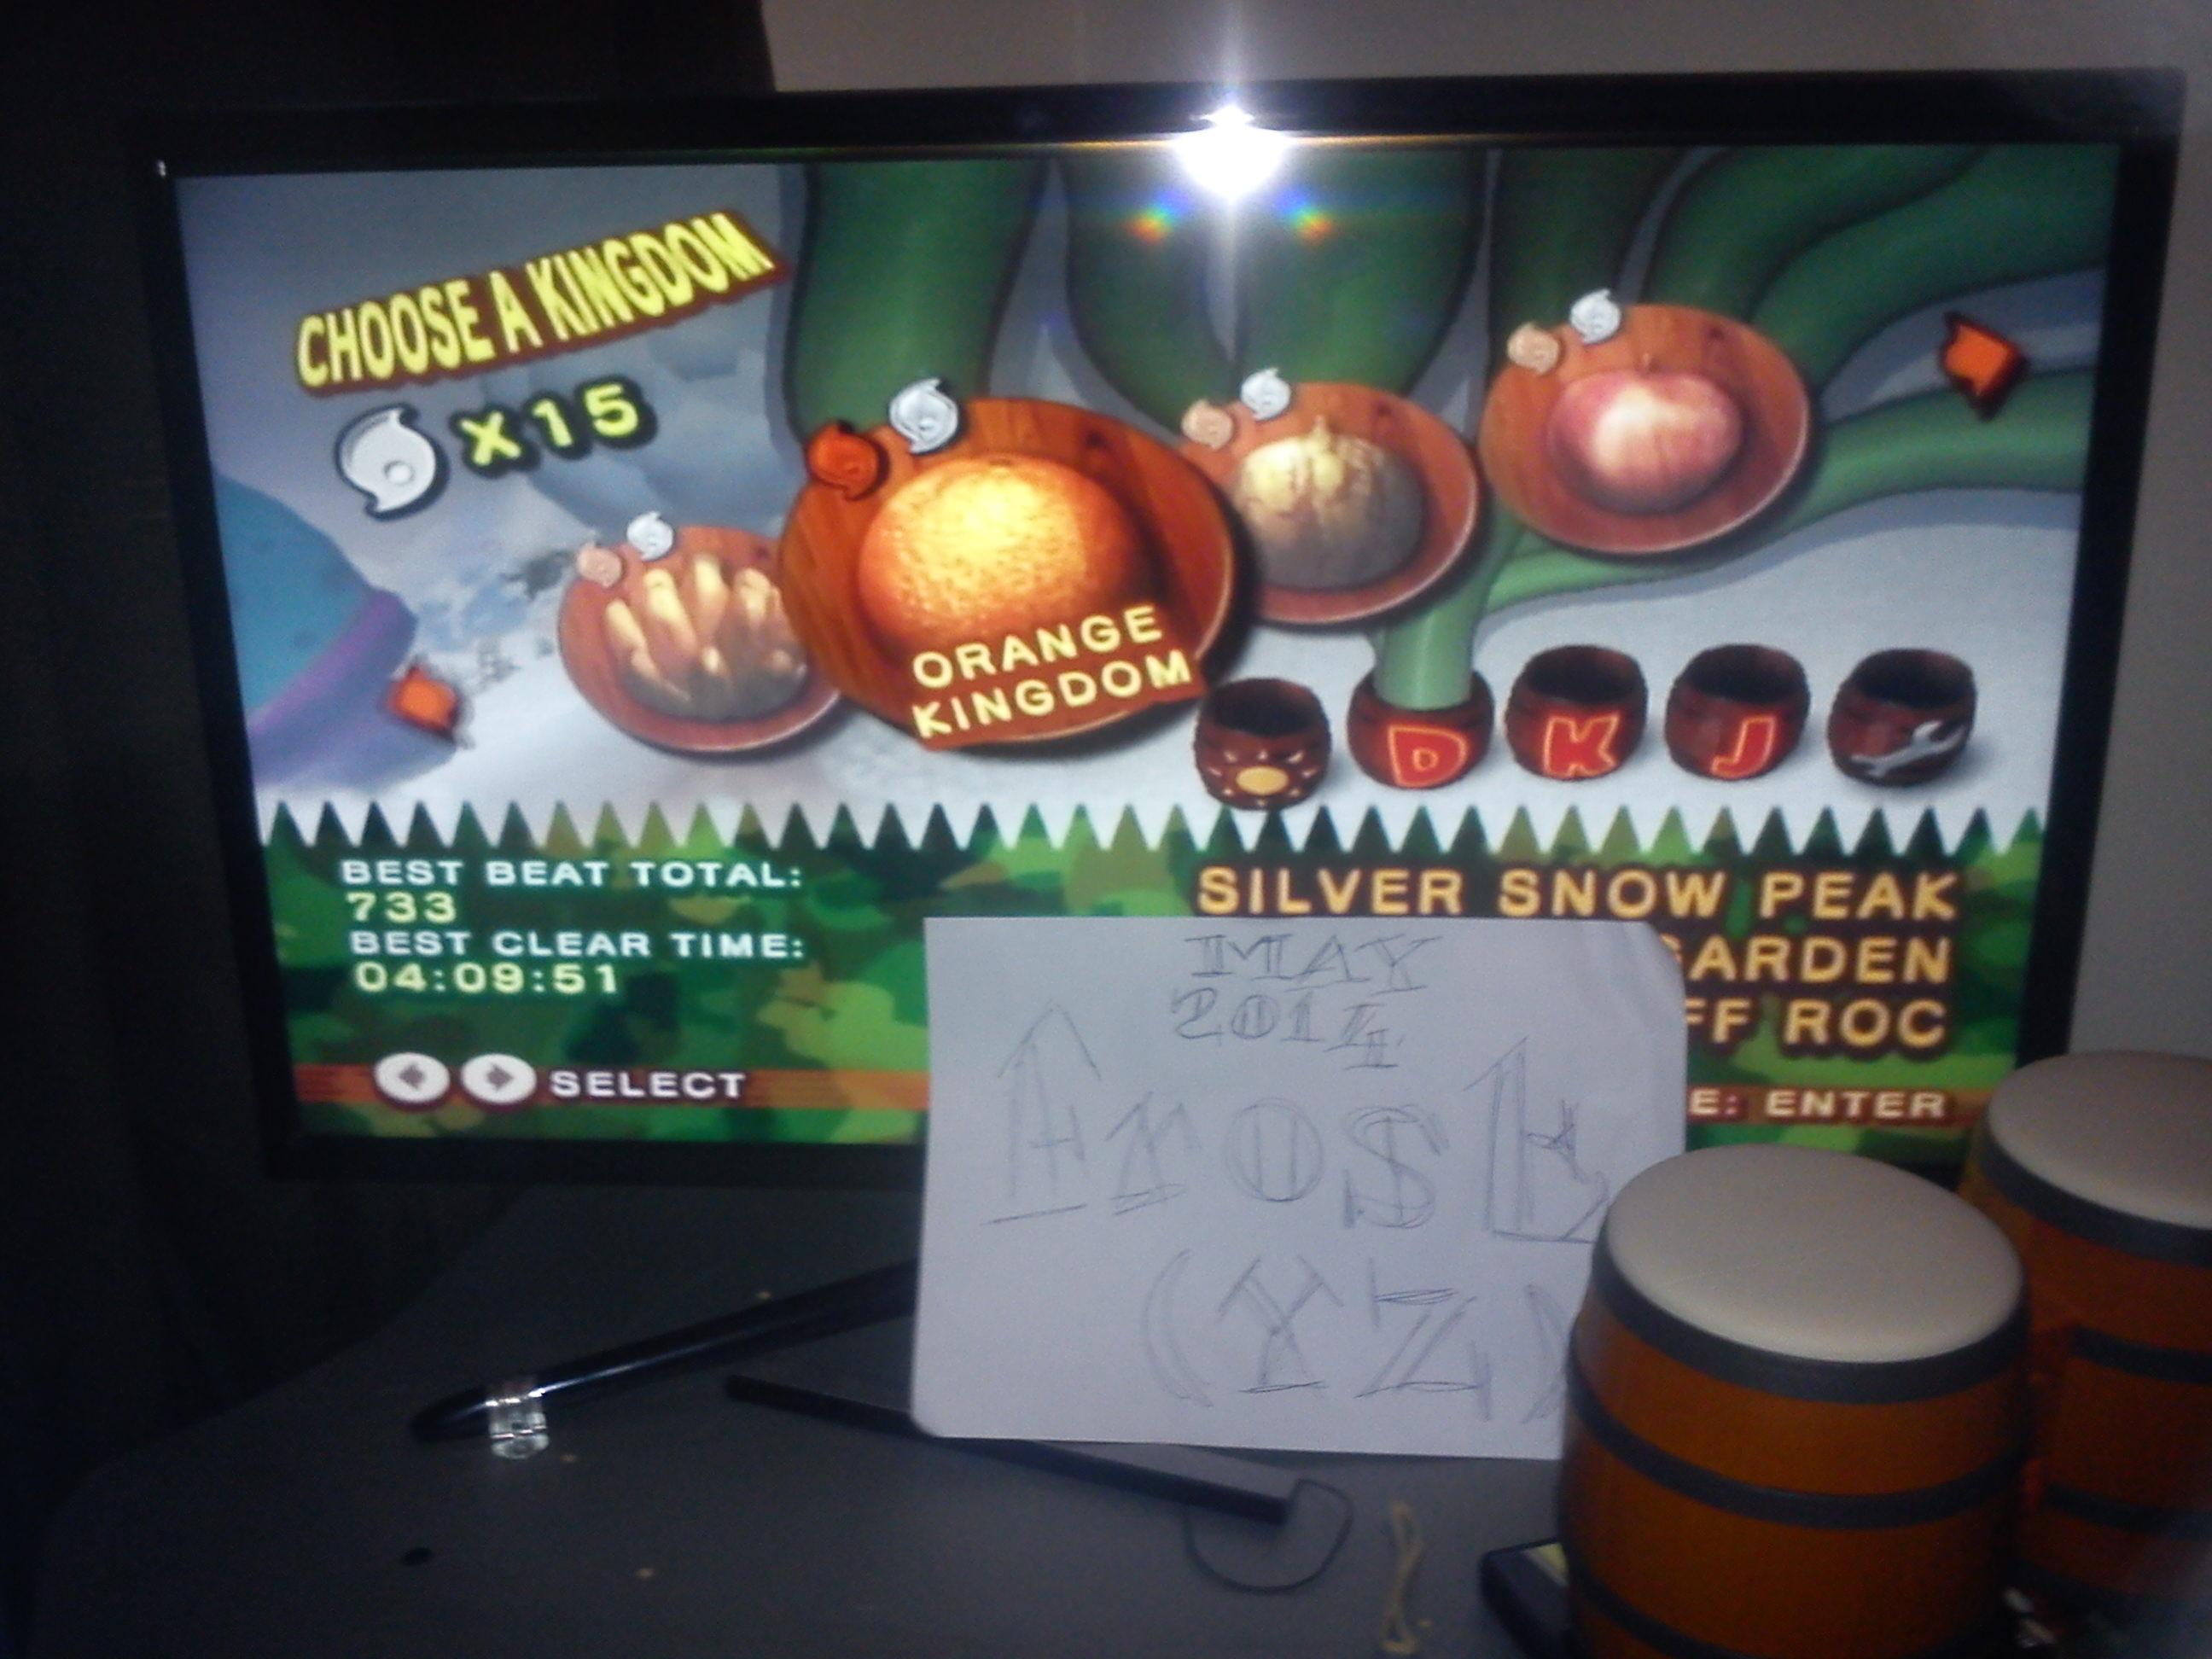 Fr0st: Donkey Kong Jungle Beat: Orange Kingdom [Shortest Time] (GameCube) 0:04:09.51 points on 2014-09-23 07:09:04